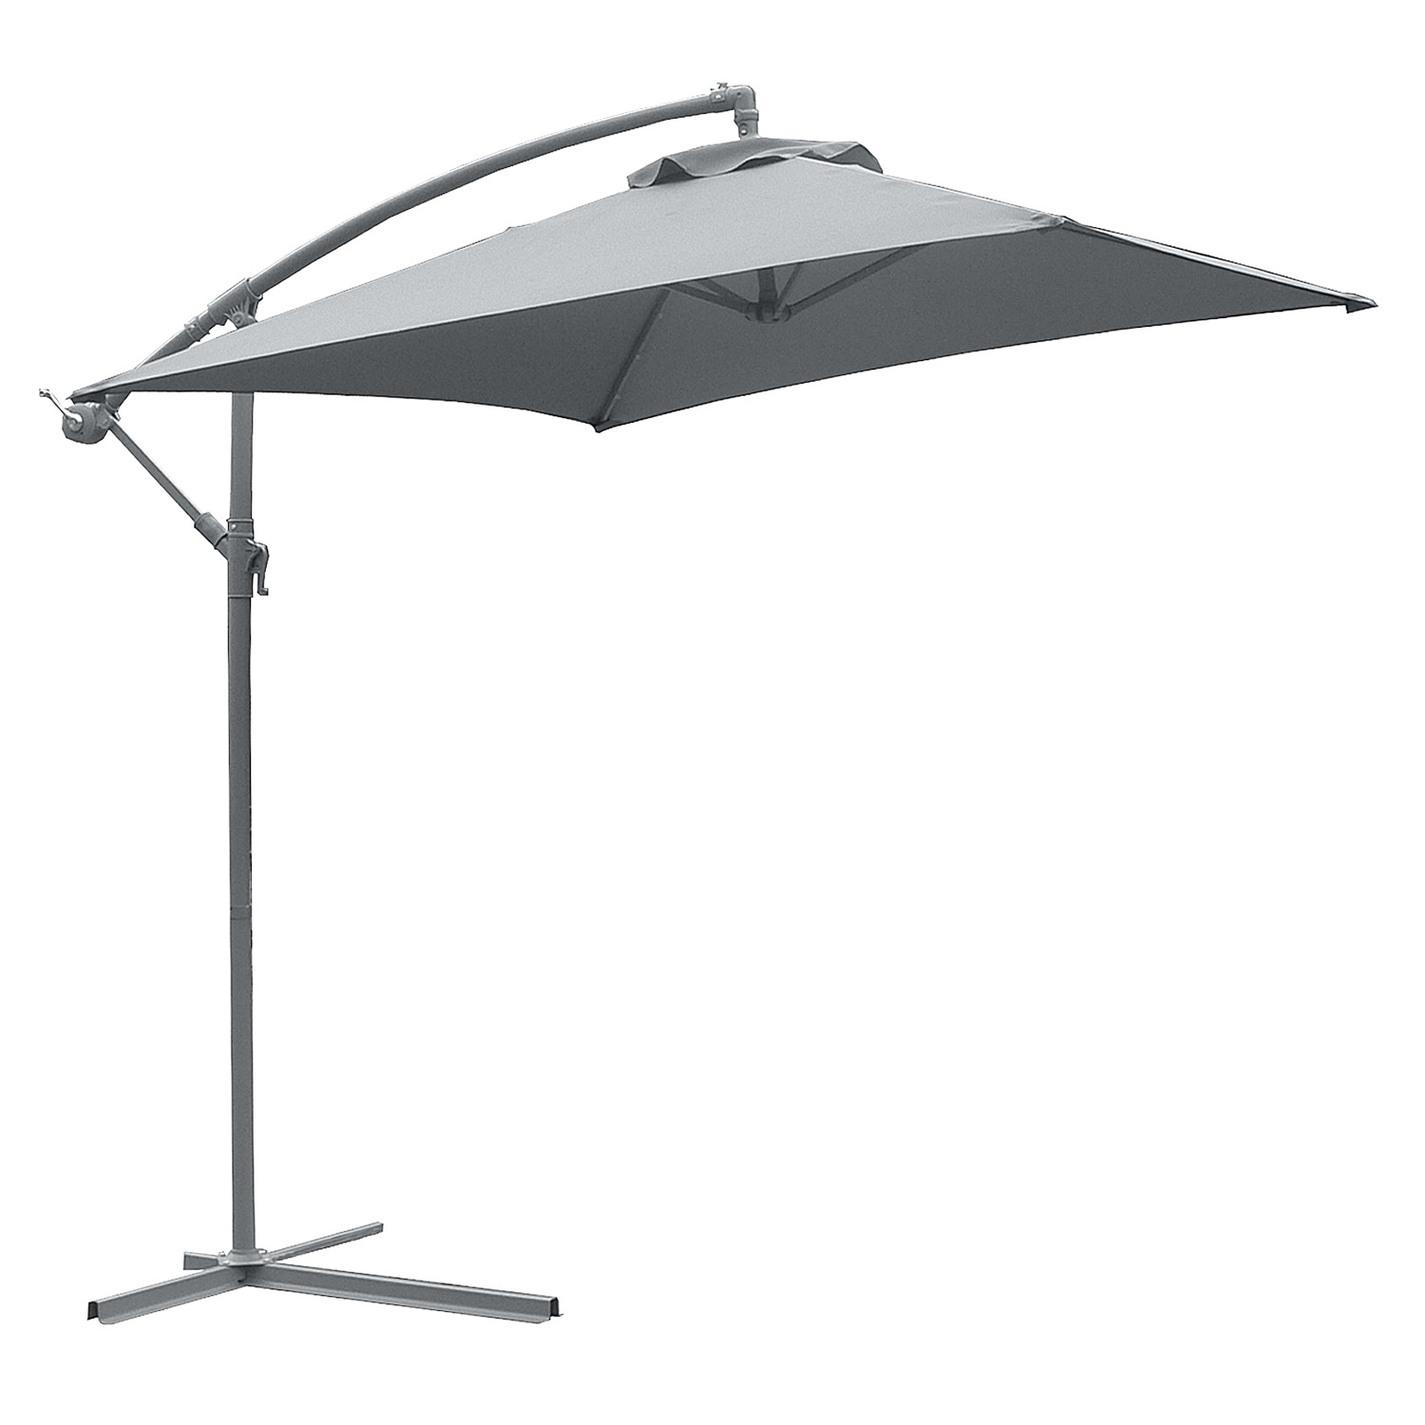 Cantilever Umbrella Clipart.